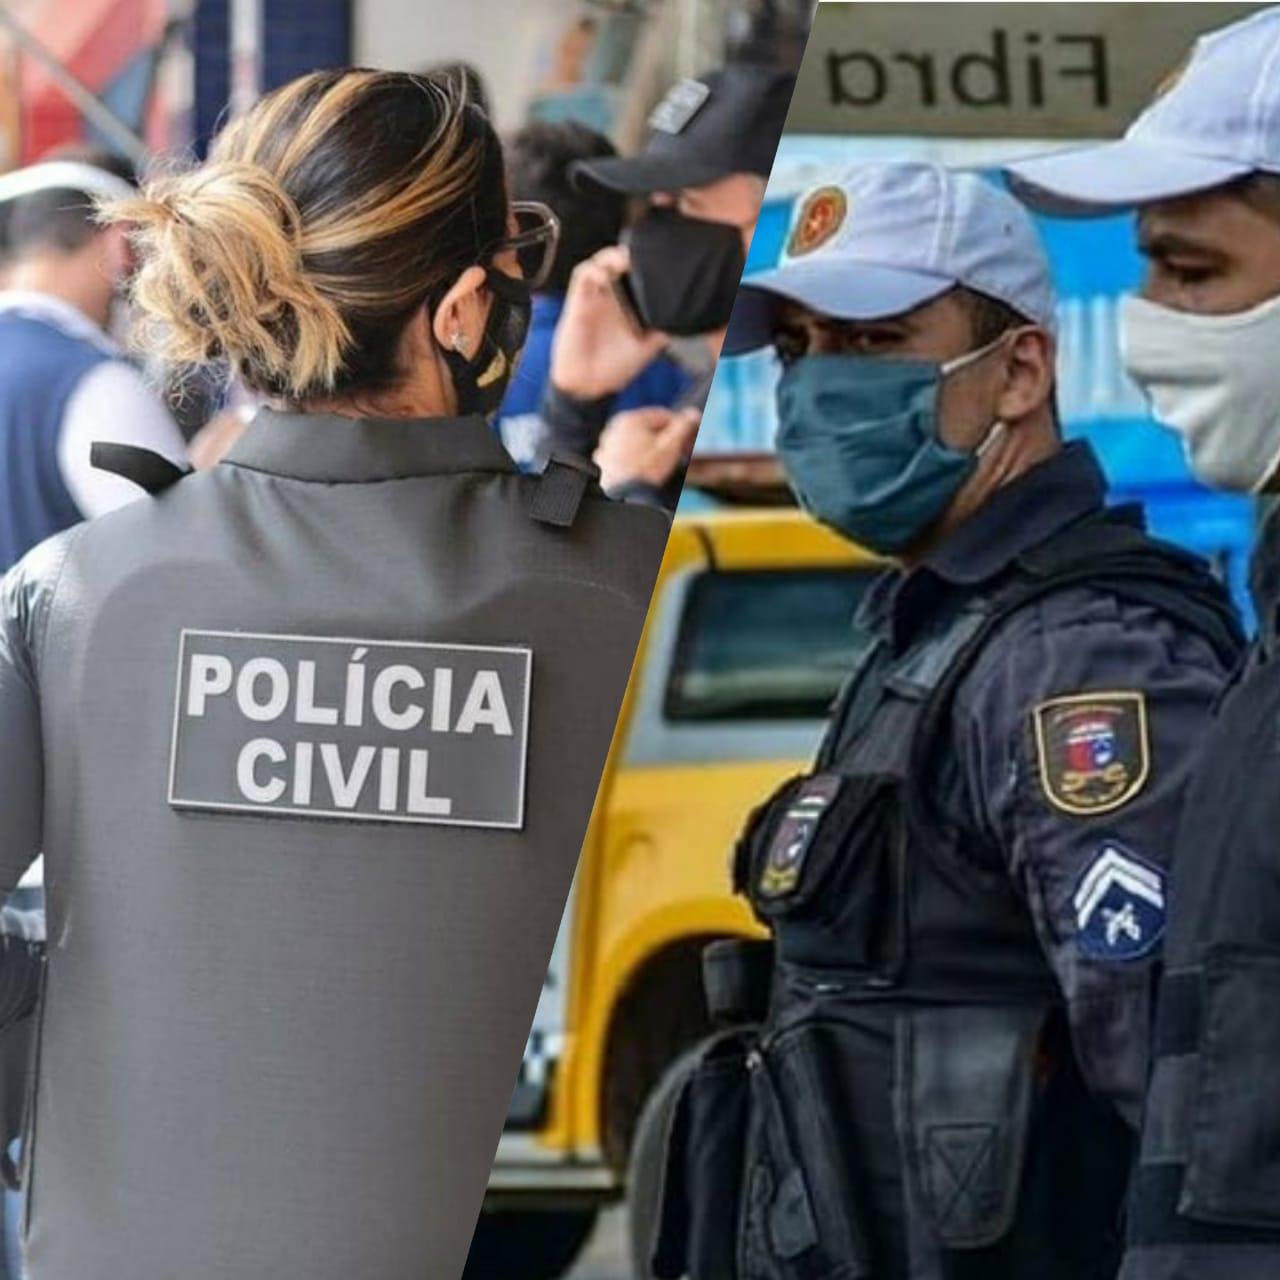 Mortes violentas no RN caem 20,9% em relação a maio de 2020